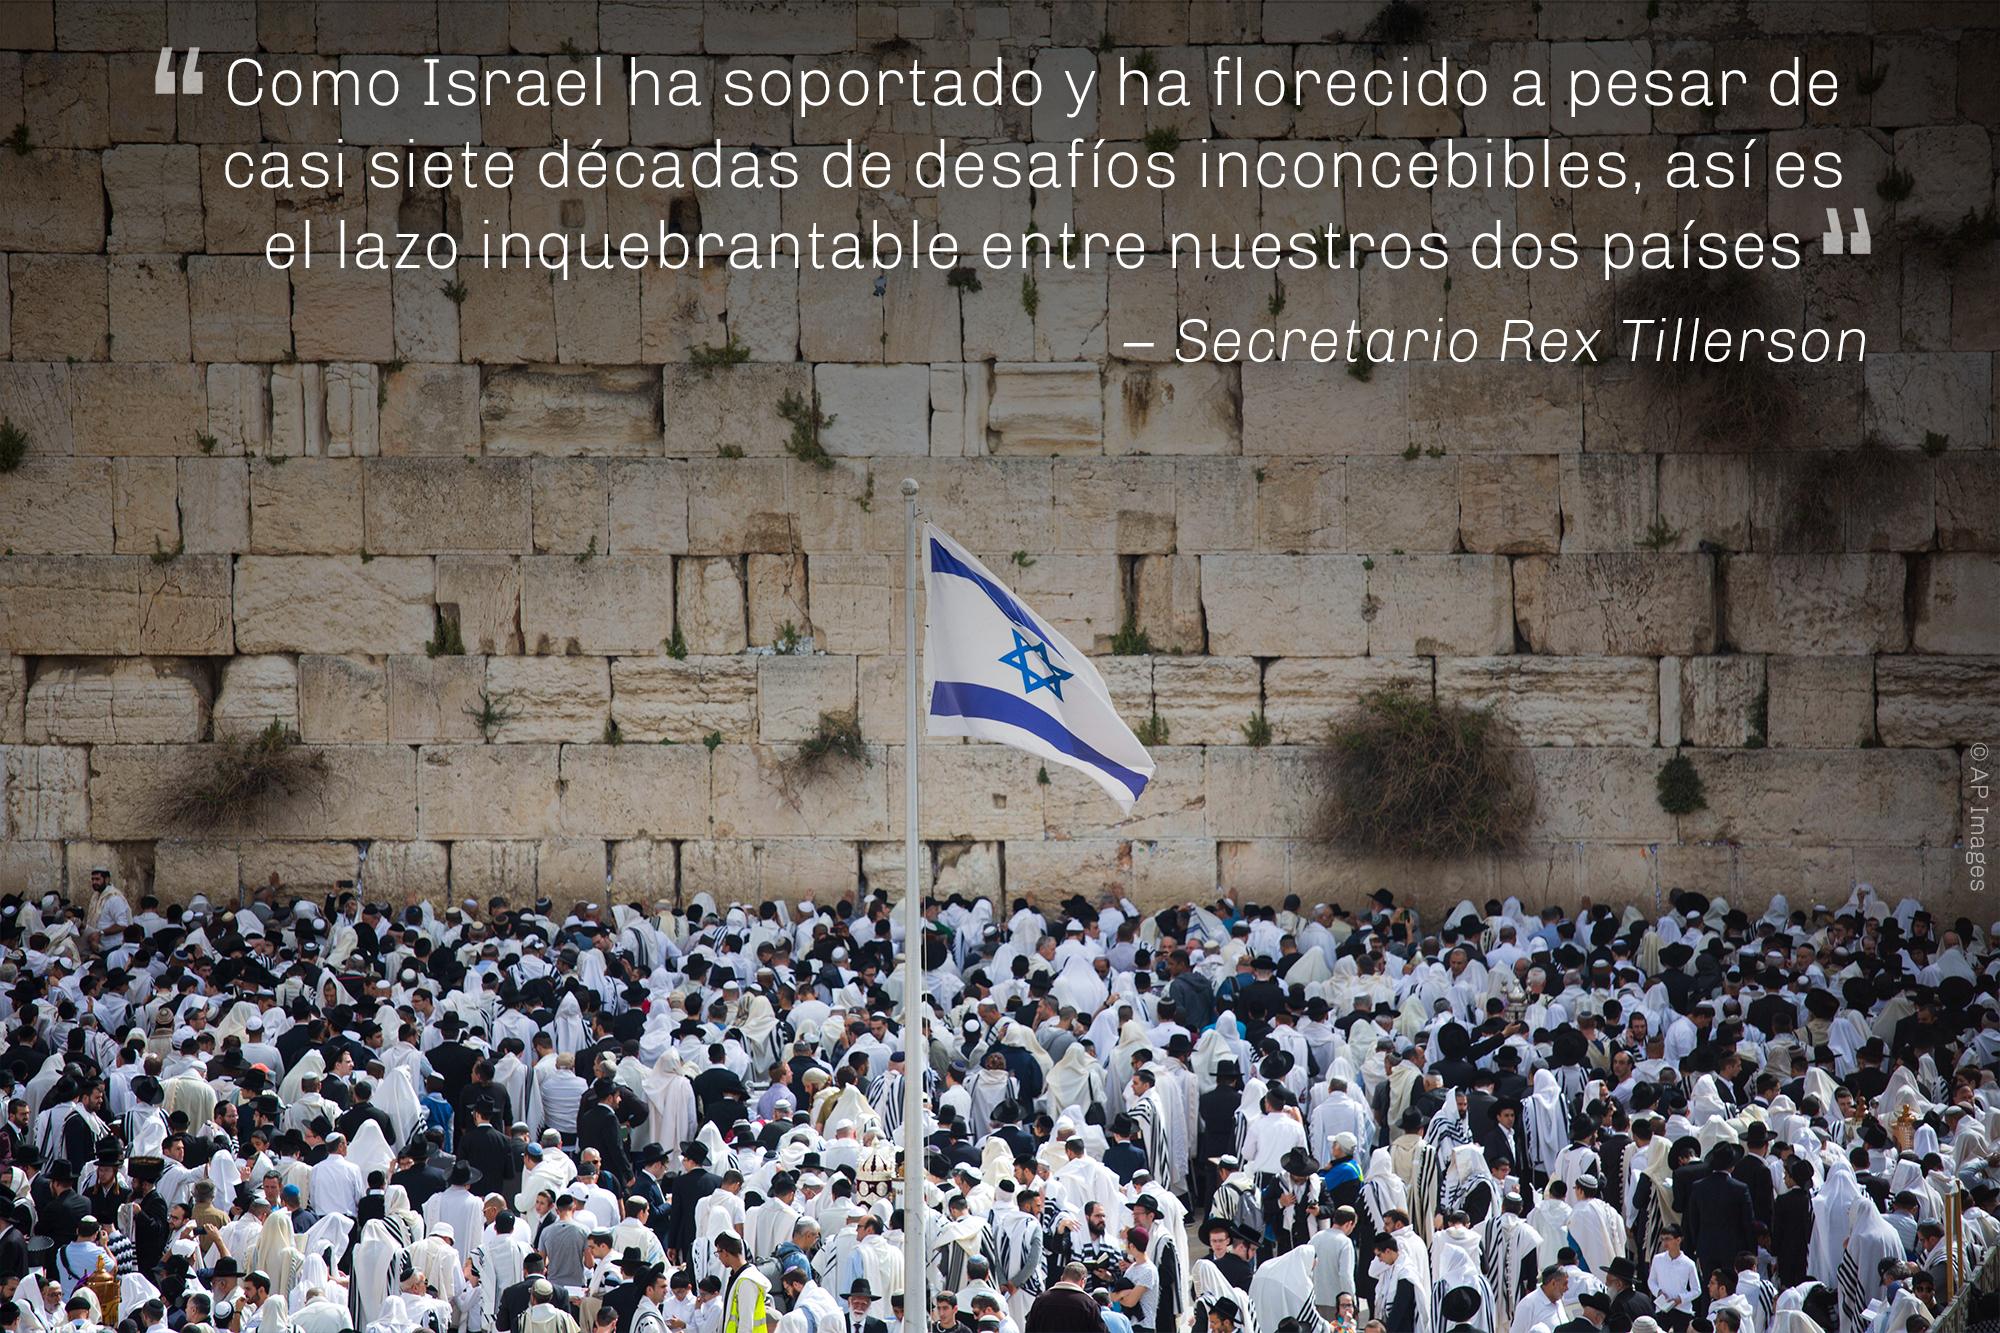 Cita del secretario Tillerson sobre los lazos entre Estados Unidos e Israel, superpuesta en una fotografía de ciudad (© AP Images)